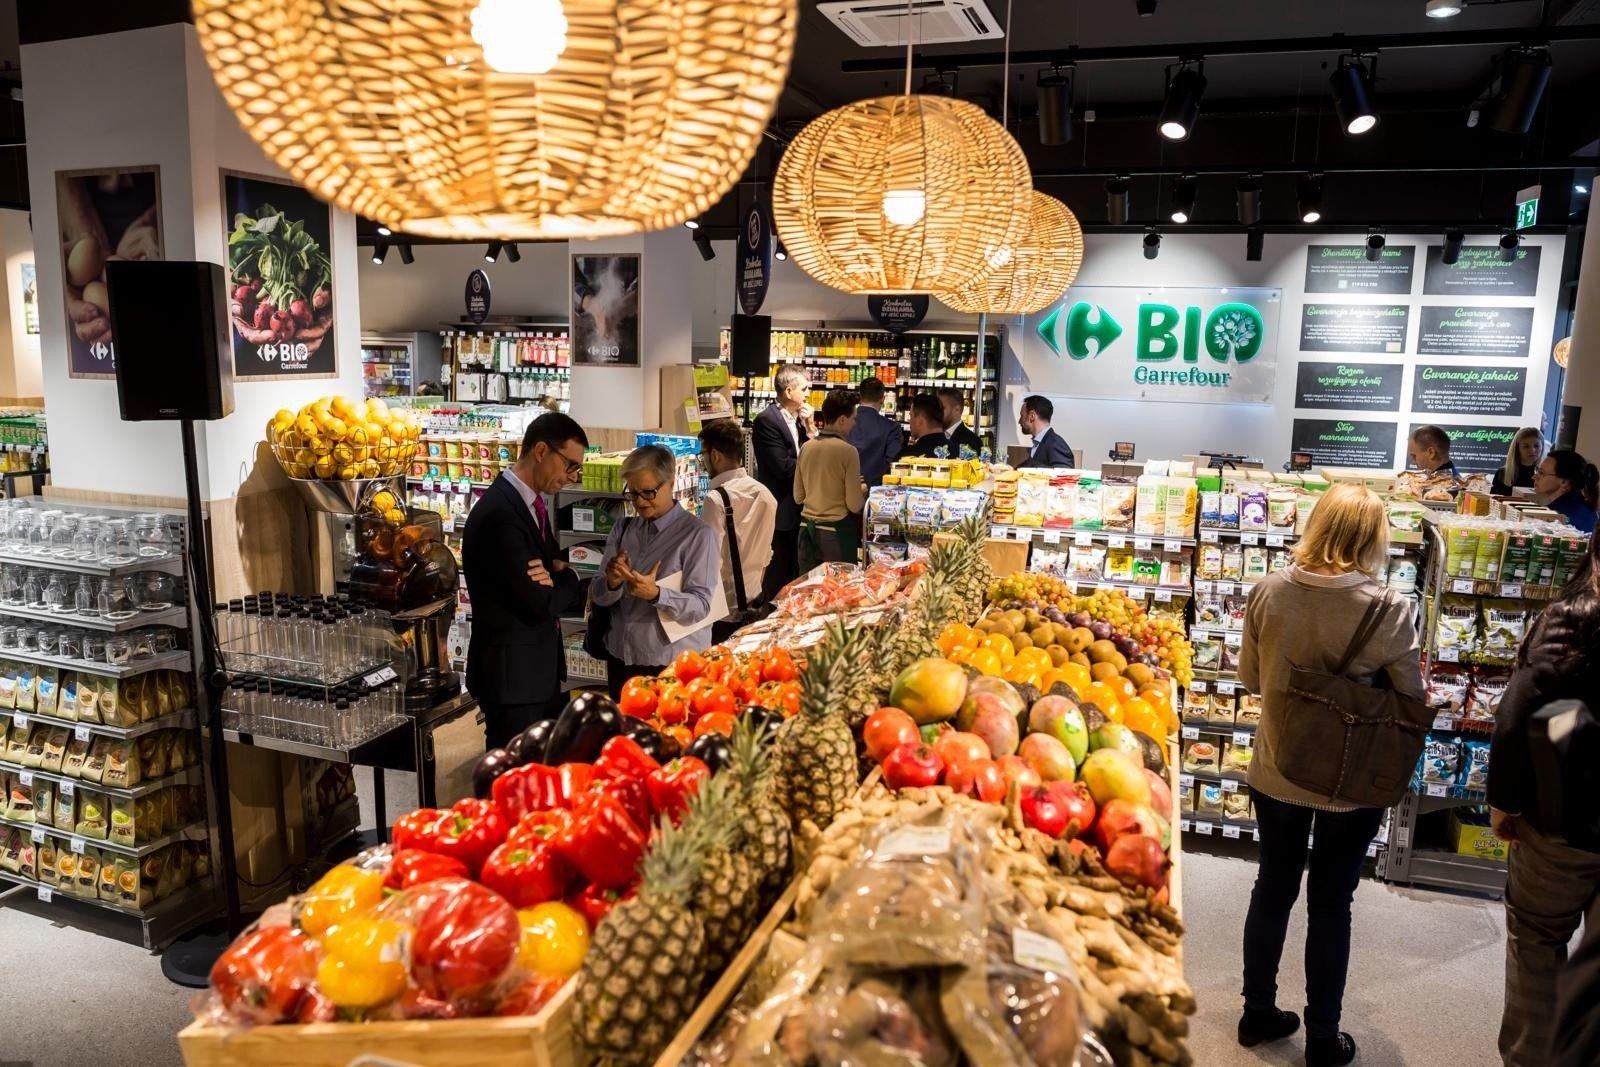 26 kwietnia niedziela handlowa. Nie wszystkie sklepy jednak będą czynne. Sprawdź, jakie sklepy mogą działać w niedzielę 26 kwietnia | Dziennik Zachodni